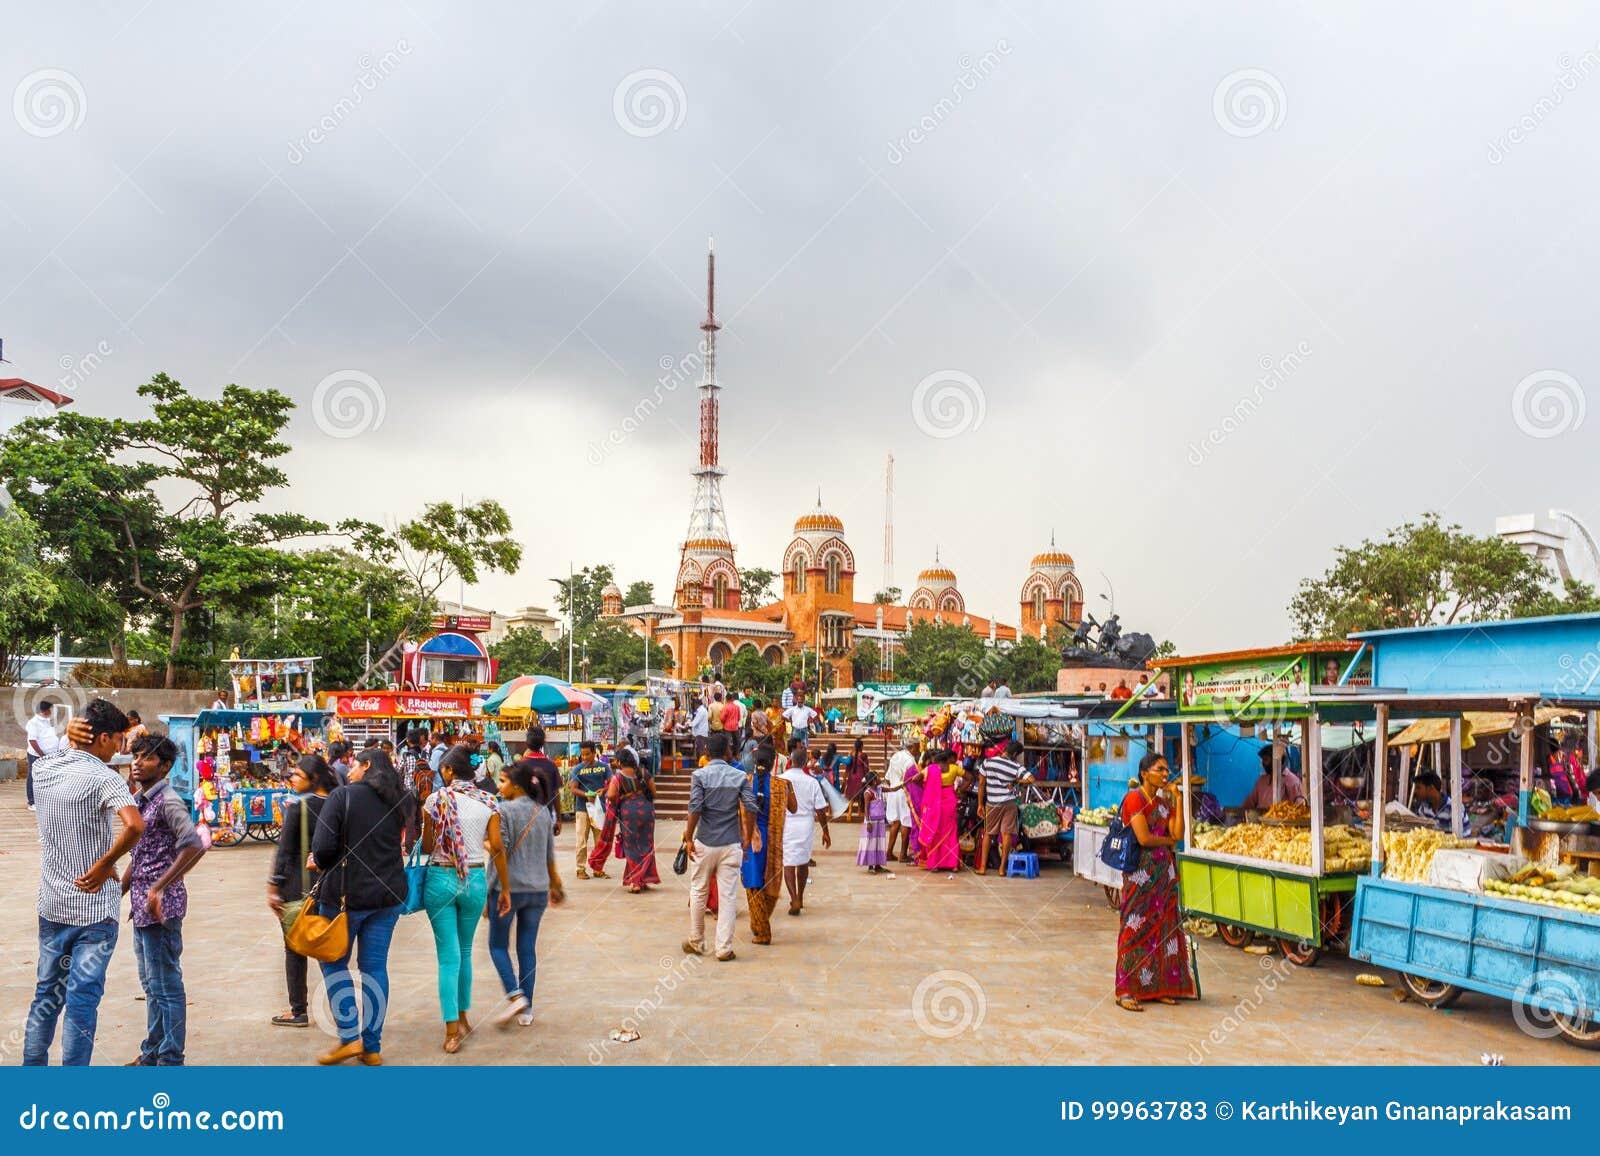 Μια σκηνή σε ένα κατάστημα puri bhel ή στάβλος στην παραλία μαρινών με το σκοτεινό ουρανό στο υπόβαθρο, Chennai, Ινδία στις 19 Αυ